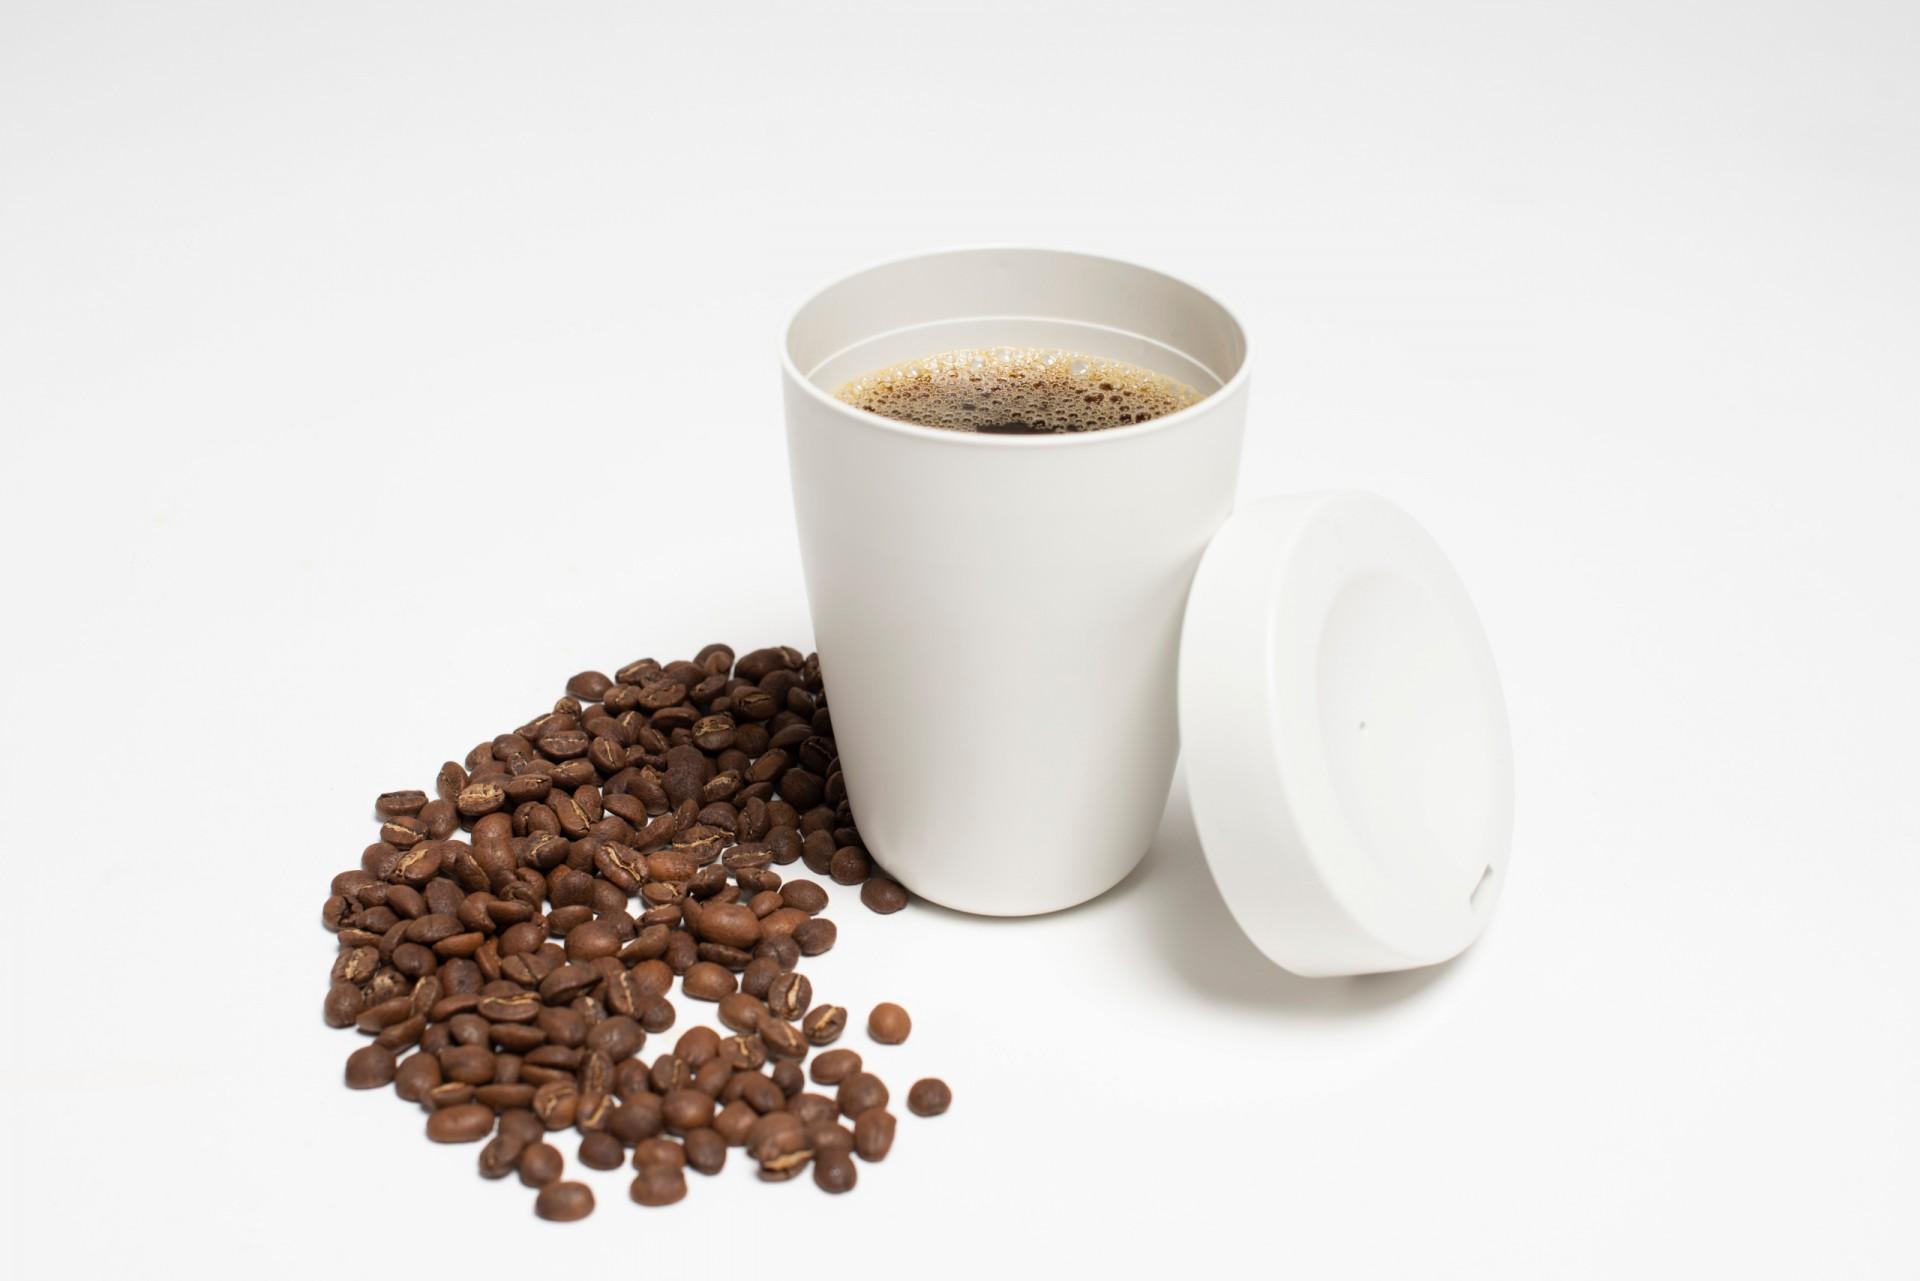 A CupClub cup